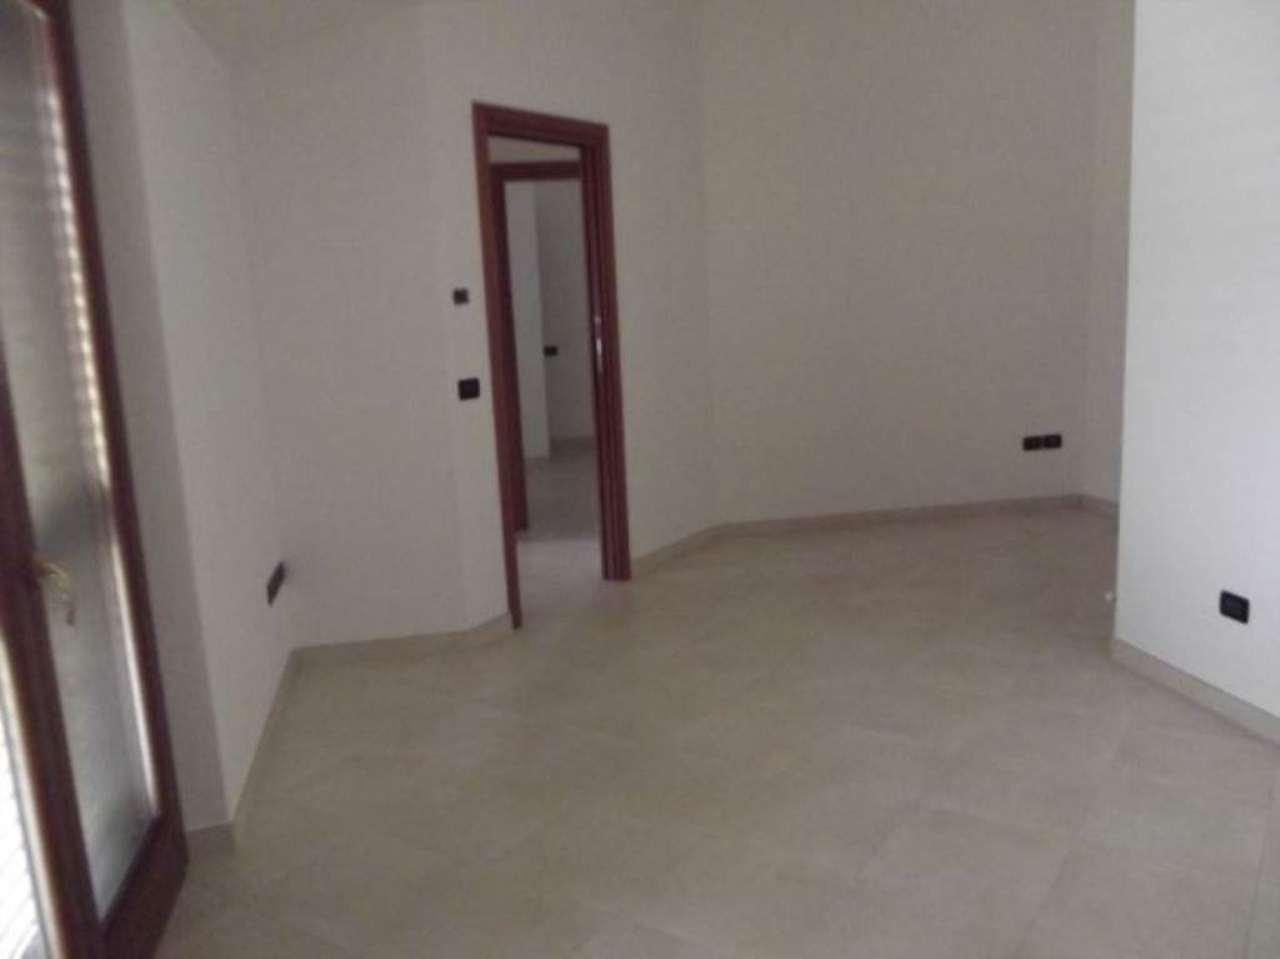 Attico / Mansarda in vendita a Tortoreto, 4 locali, prezzo € 205.000 | Cambio Casa.it